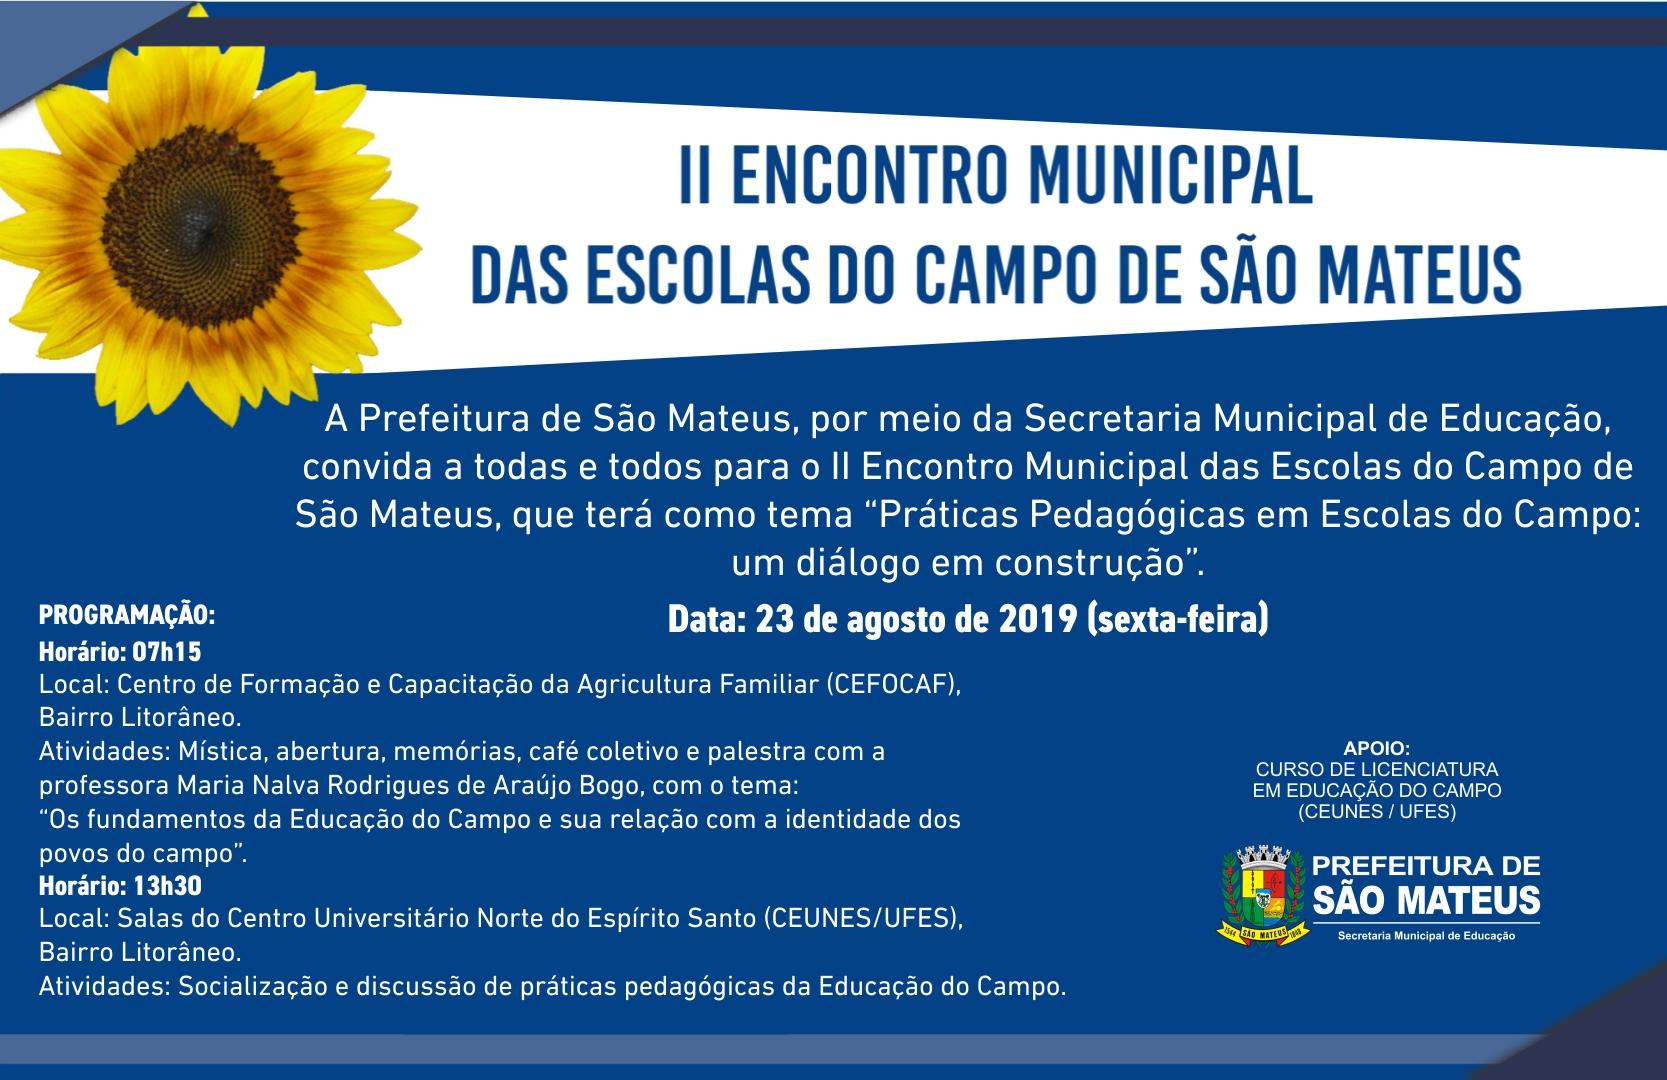 II ENCONTRO MUNICIPAL DAS ESCOLAS DO CAMPO DE SÃO MATEUS